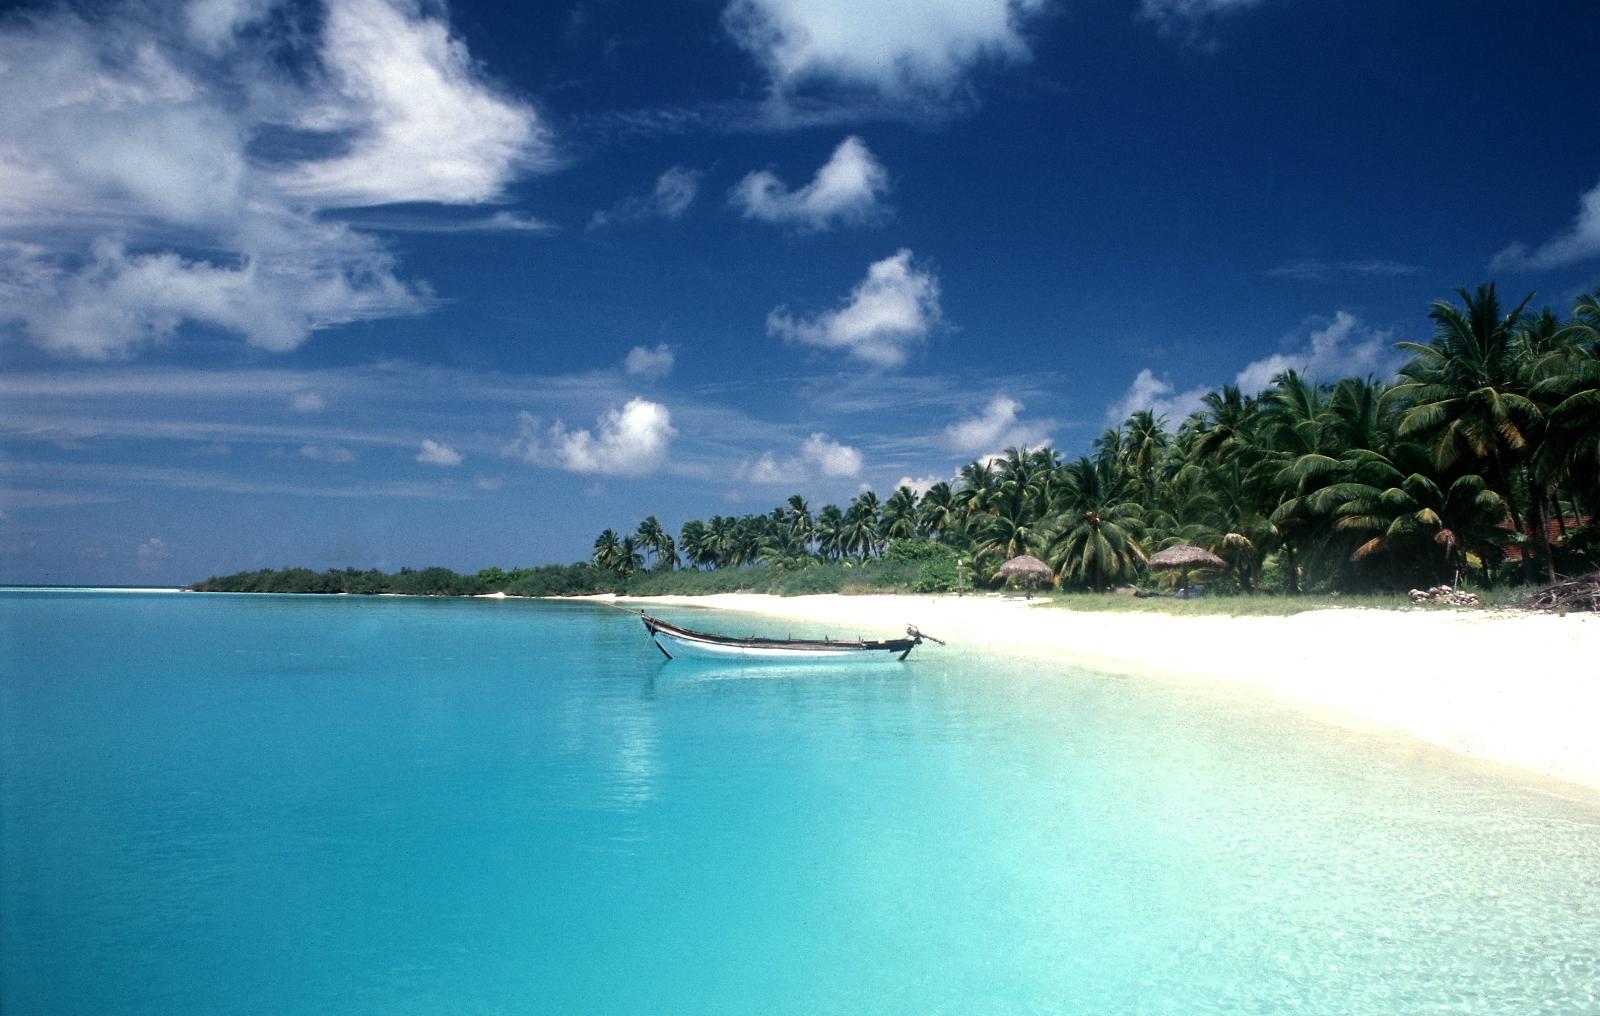 Остров недалеко от пляжа Маджорда